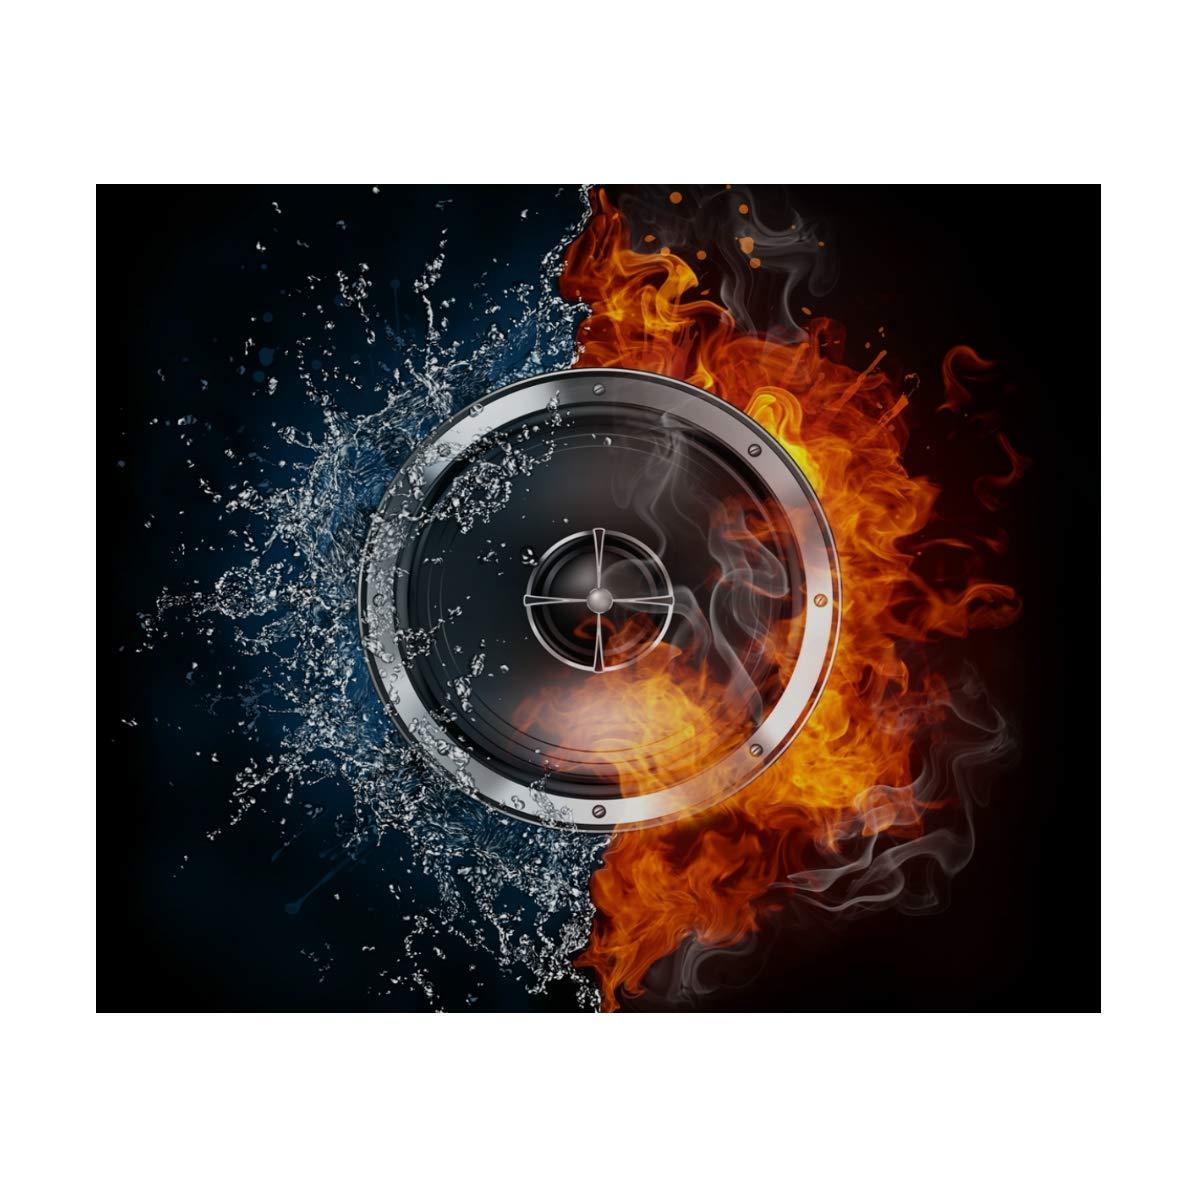 MUOOUM Gear Wheel Fire and Ice - Taza de viaje inoxidable de acero inoxidable viaje con aislamiento al vacío, botella de agua deportiva de 7.5 onzas, caliente durante 12 horas 9e6b05